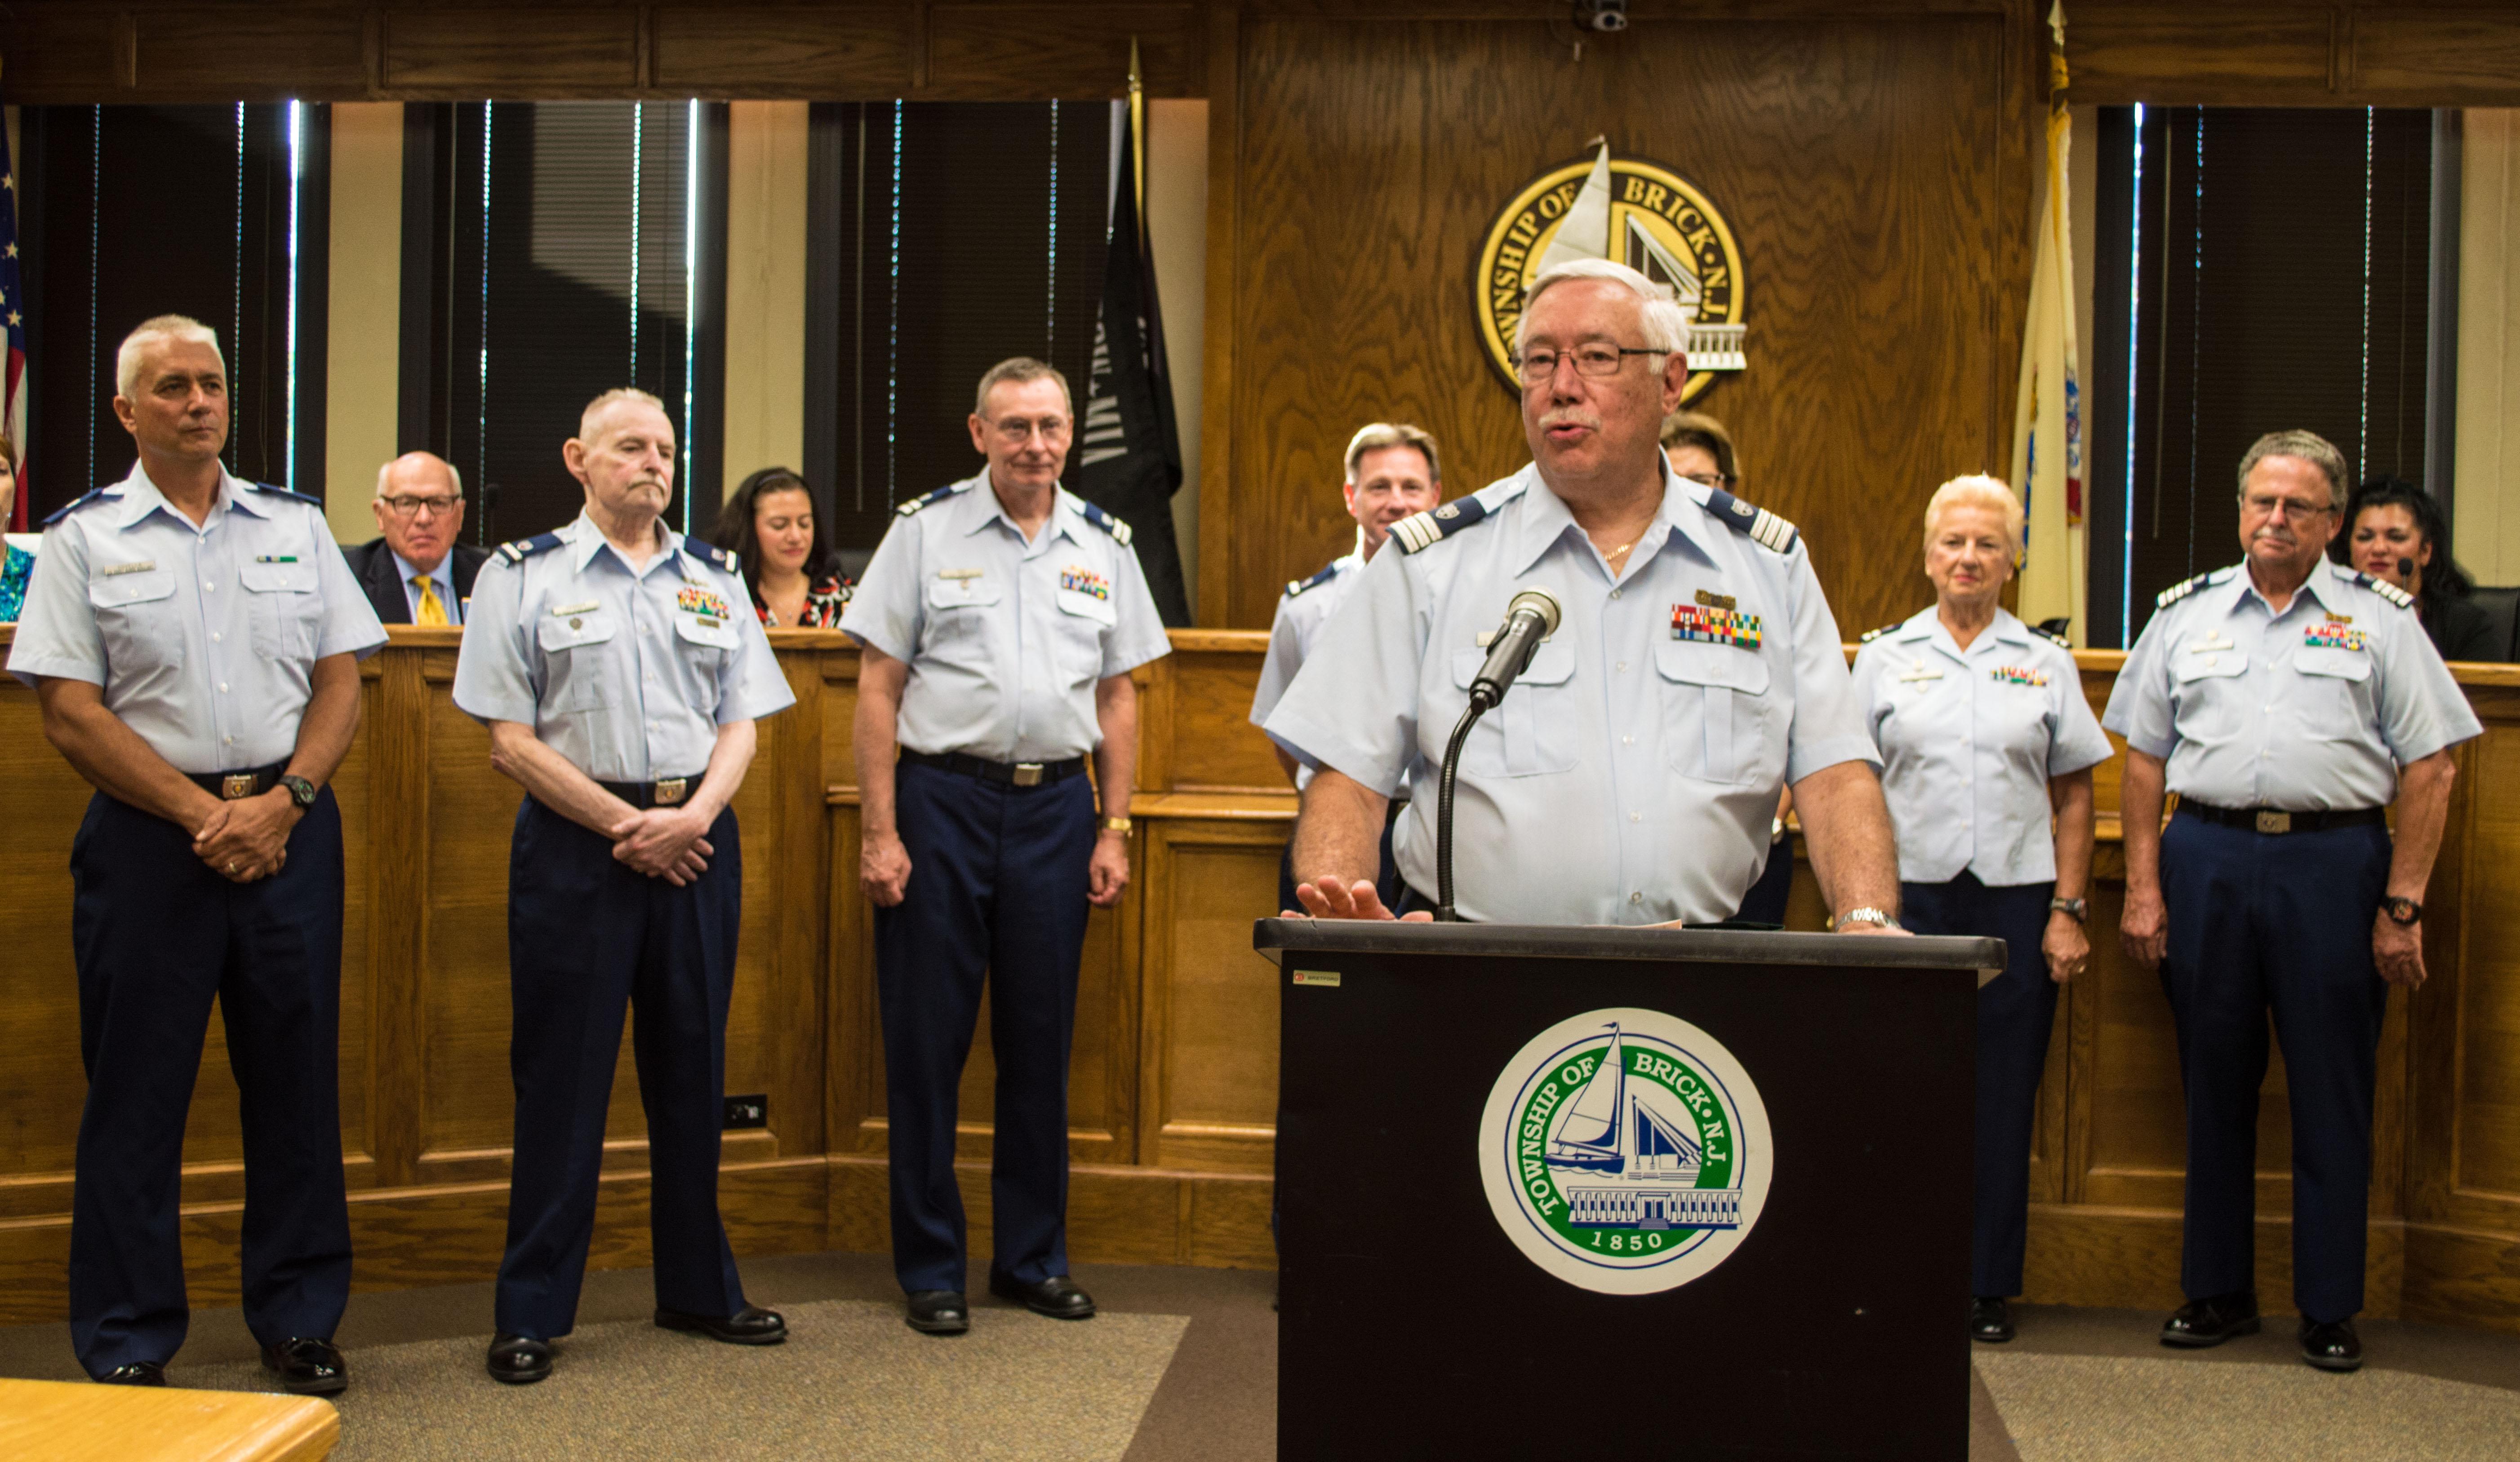 Members of Brick US Coast Guard Auxiliary Flotilla 16-05. (Photo: Daniel Nee)